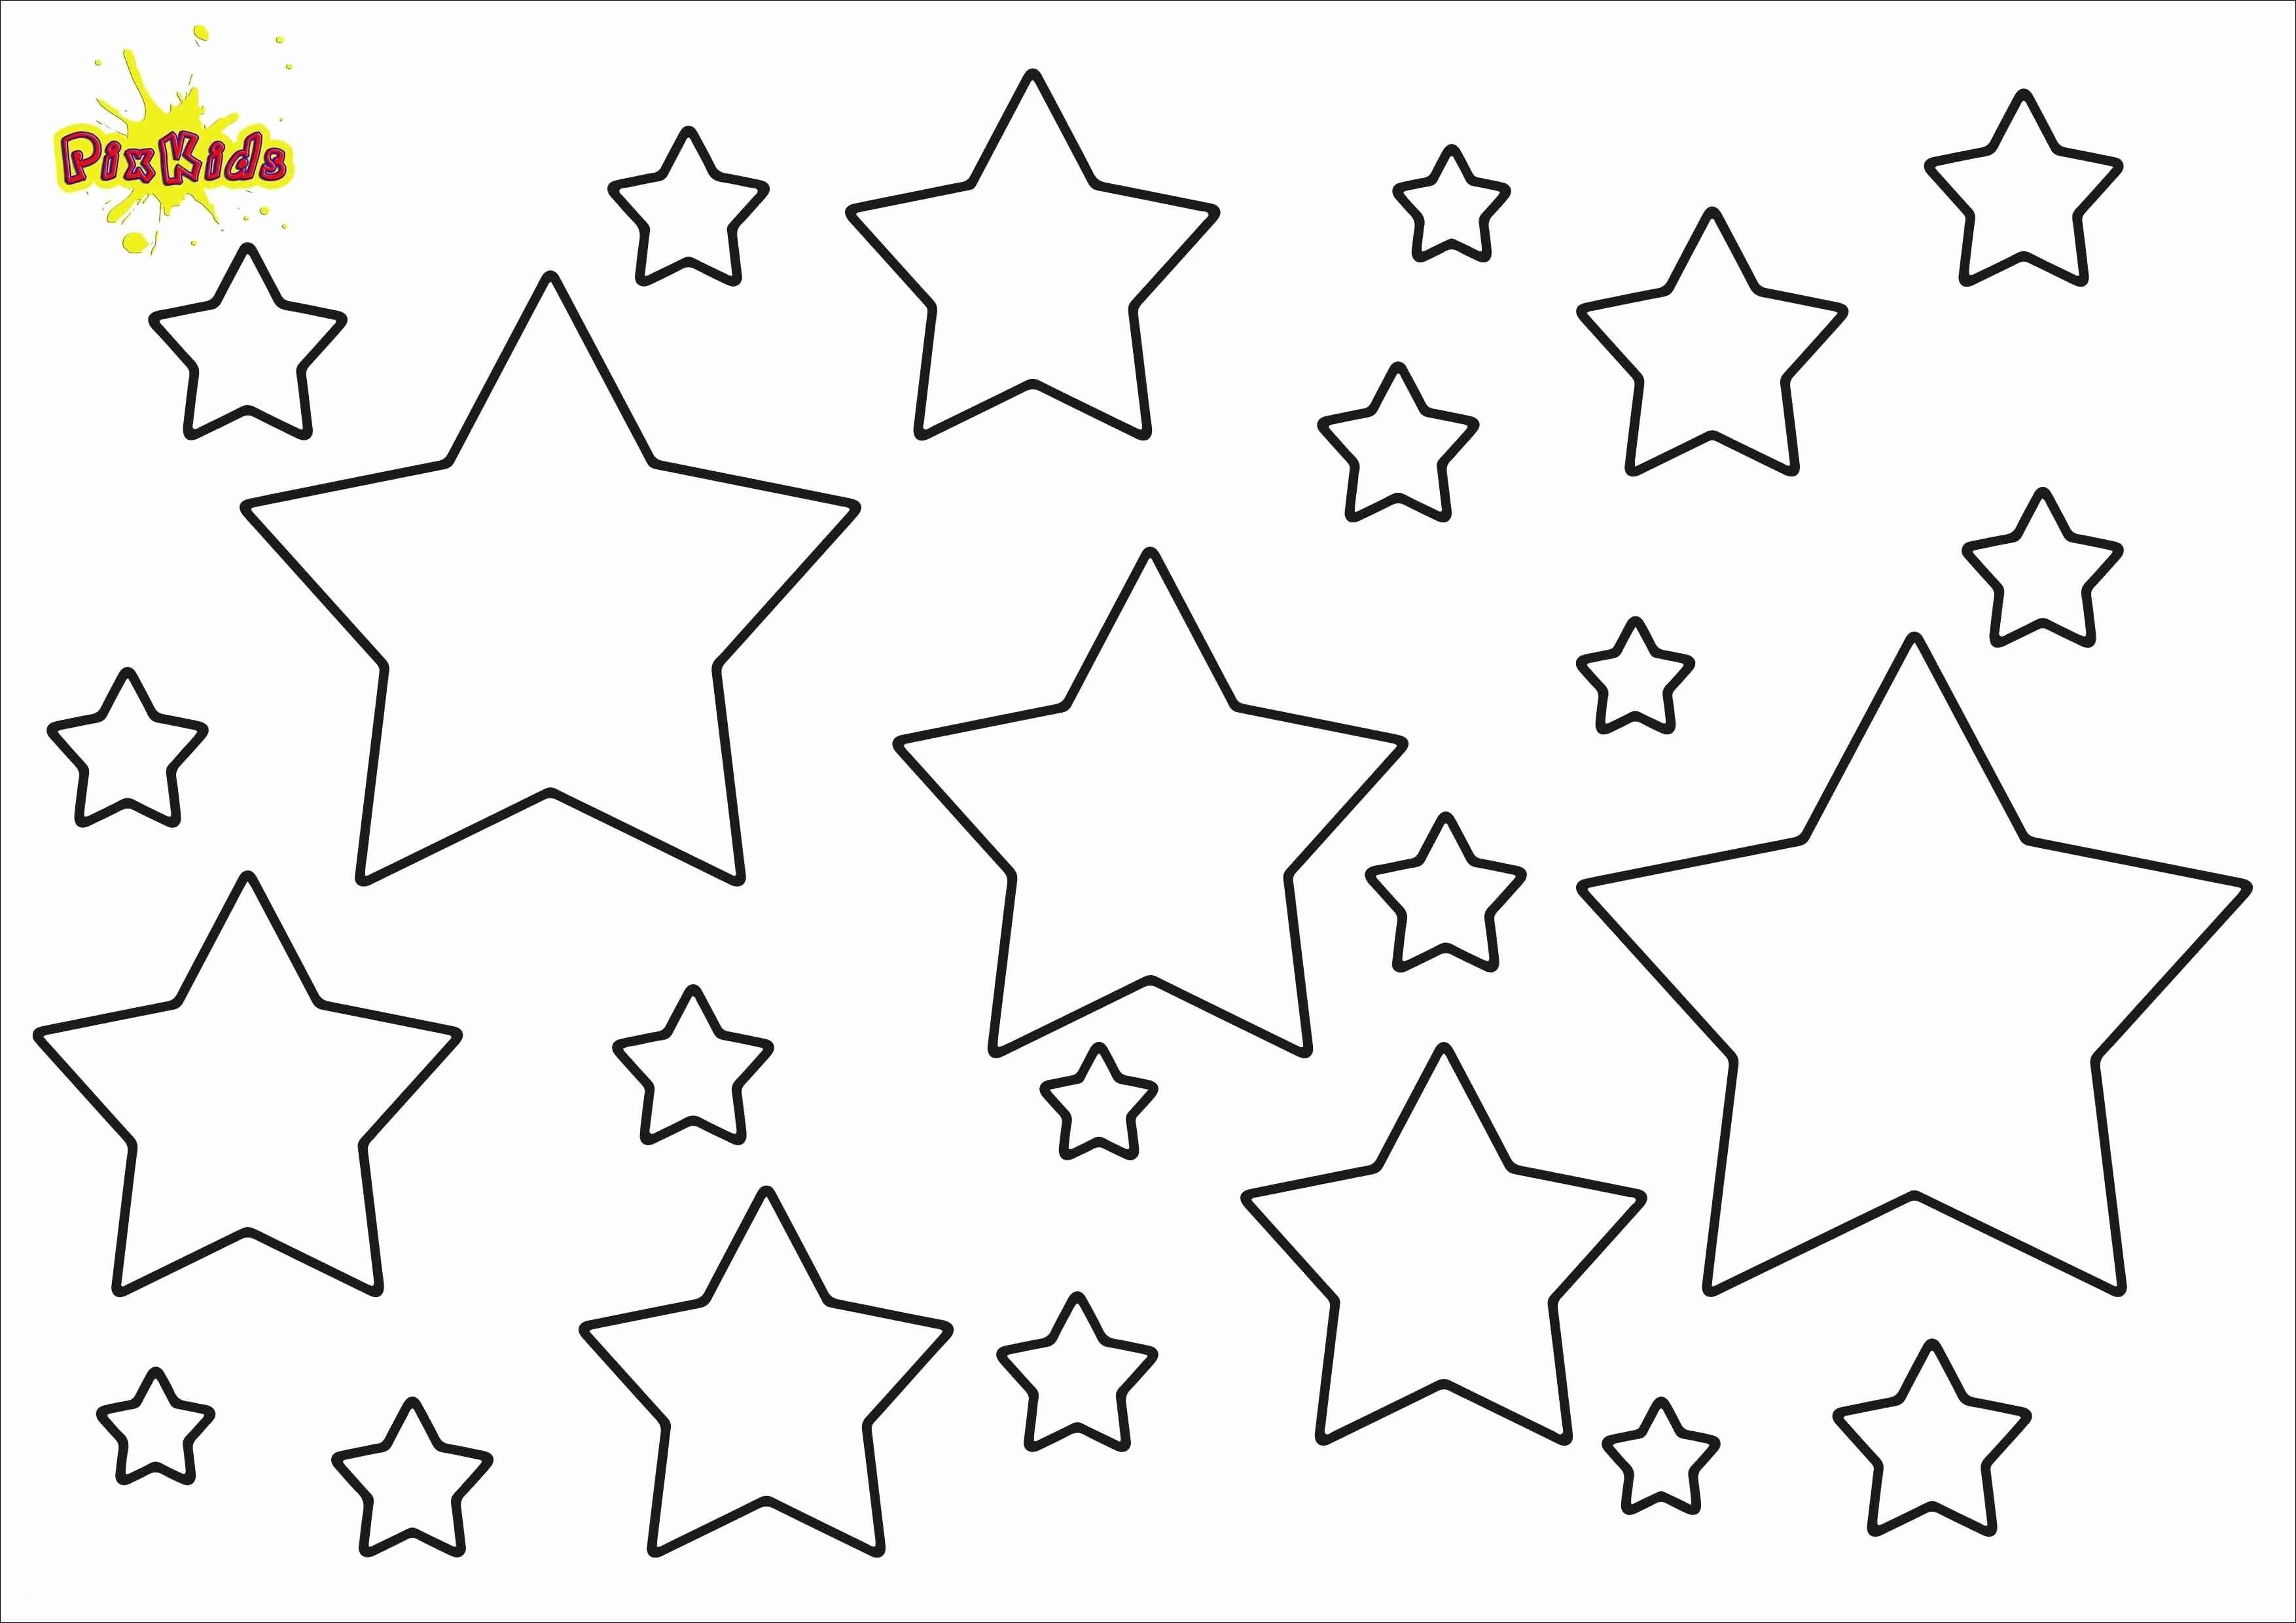 Ausmalbilder Sterne Inspirierend Sternschnuppe Zeichnen Fabelhaft Ausmalbilder Sterne Kostenlos Galerie